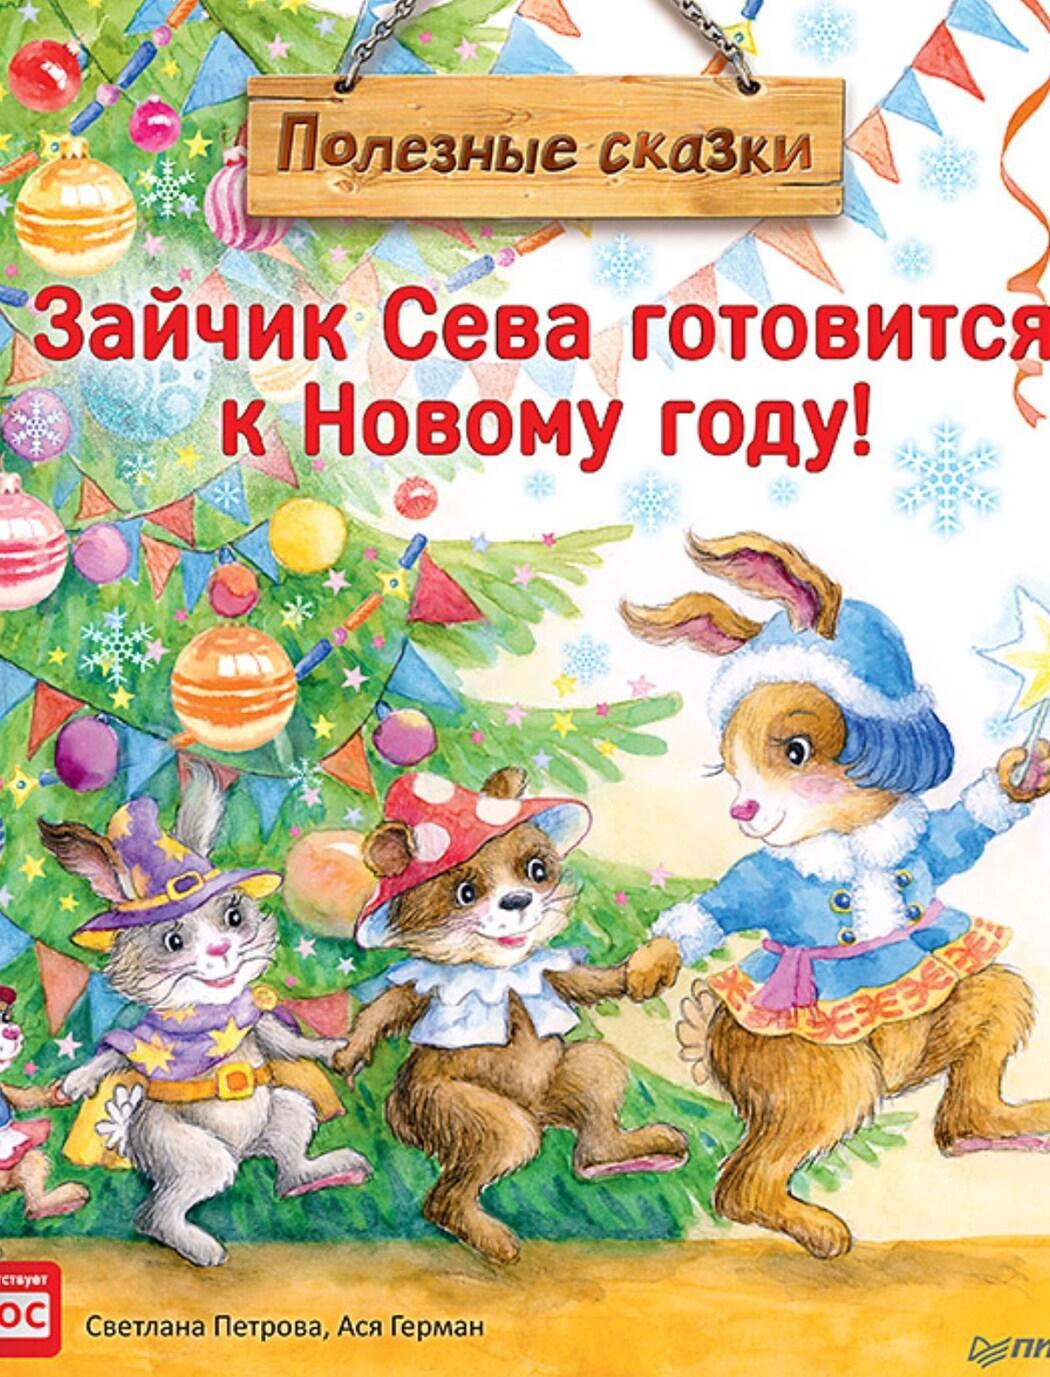 Zajchik Seva gotovitsja k Novomu godu! Poleznye skazki